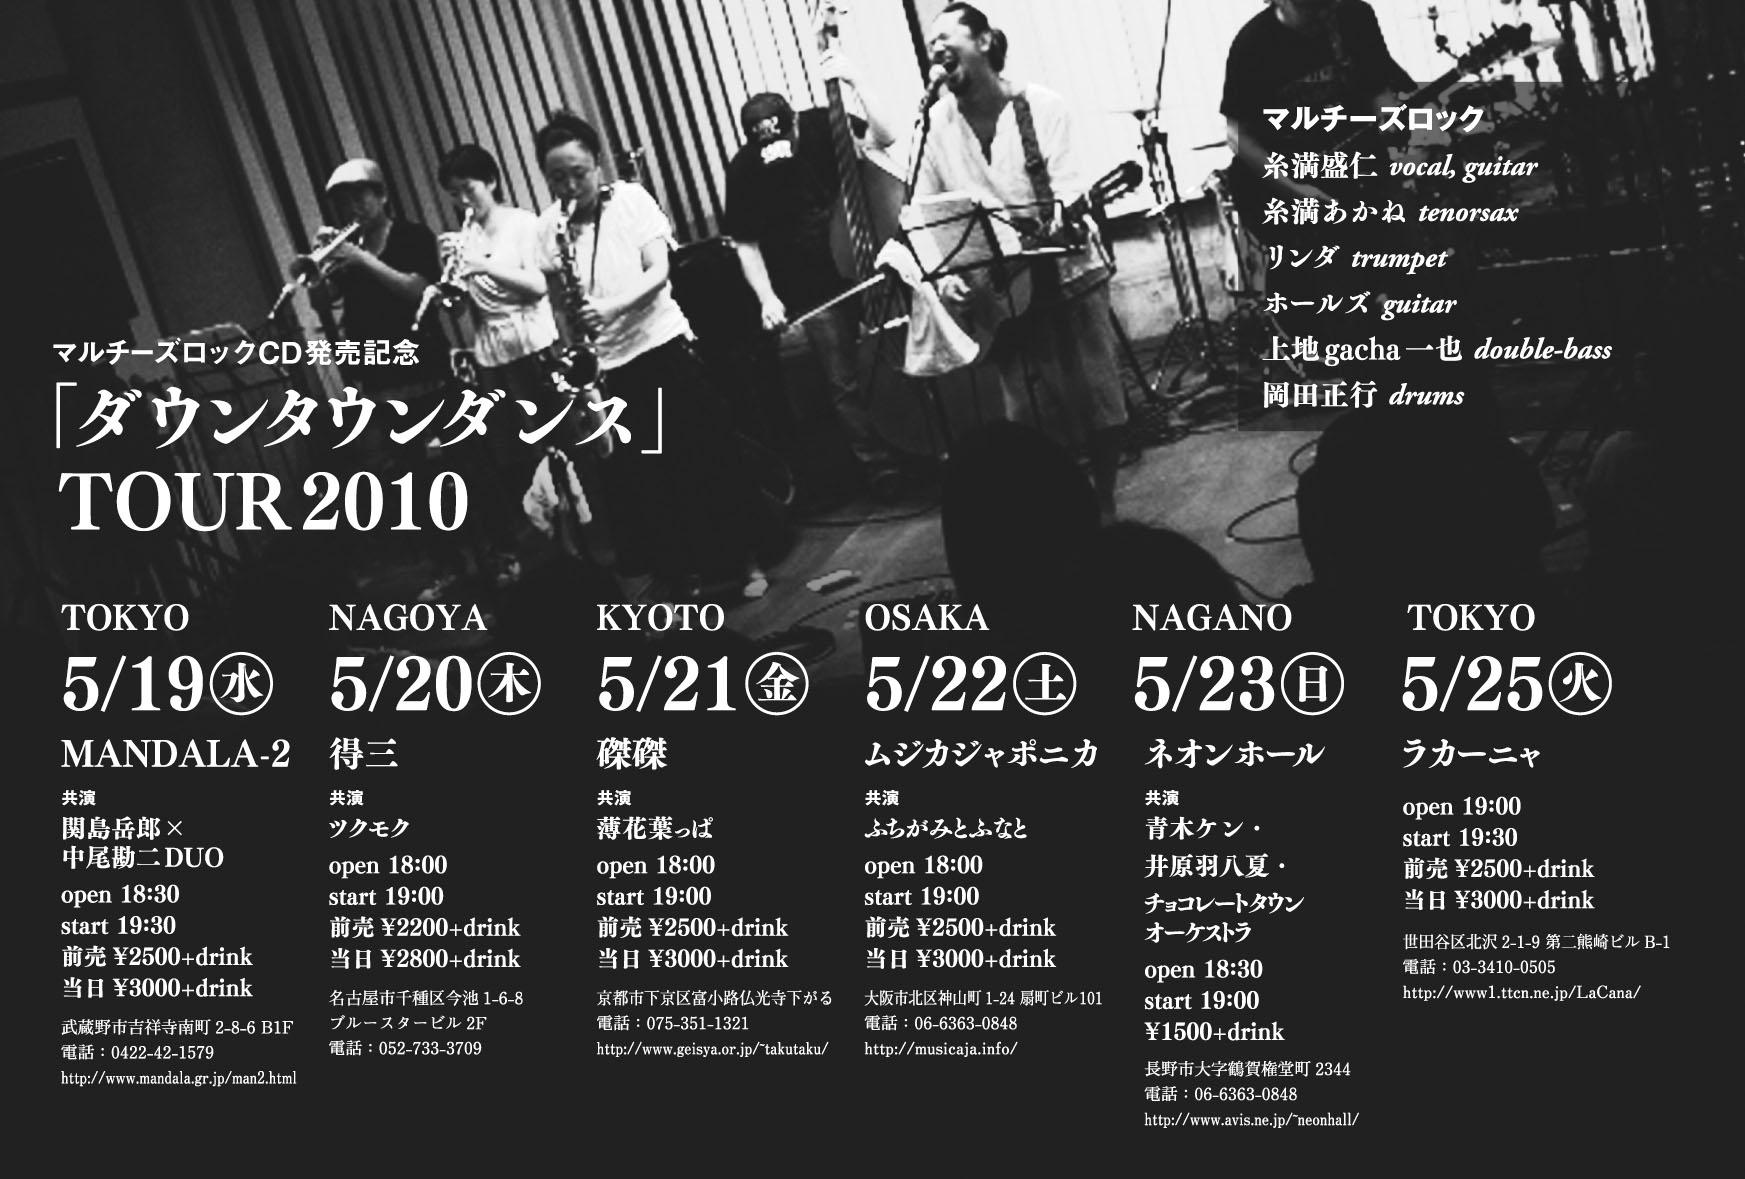 【マルチーズロック CD発売記念ツアーのご案内】_a0000682_1124884.jpg